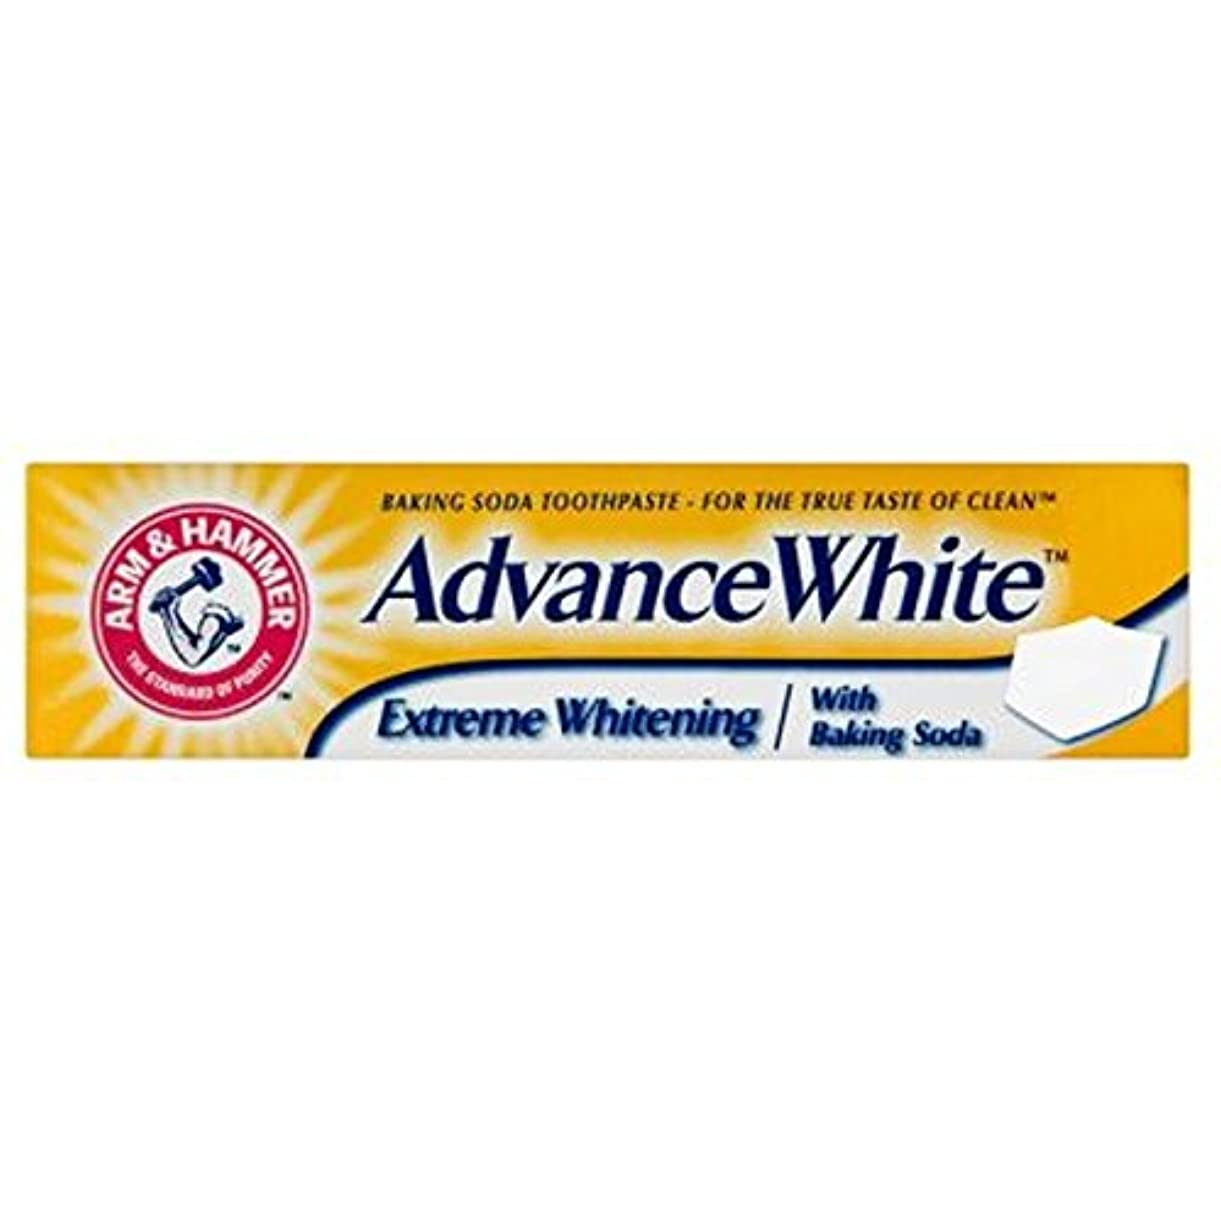 弱める固体ピアノArm & Hammer Advance White Extreme Whitening Baking Soda Toothpaste 75ml - 重曹歯磨き粉75ミリリットルをホワイトニングアーム&ハンマー事前白極端 (Arm & Hammer) [並行輸入品]